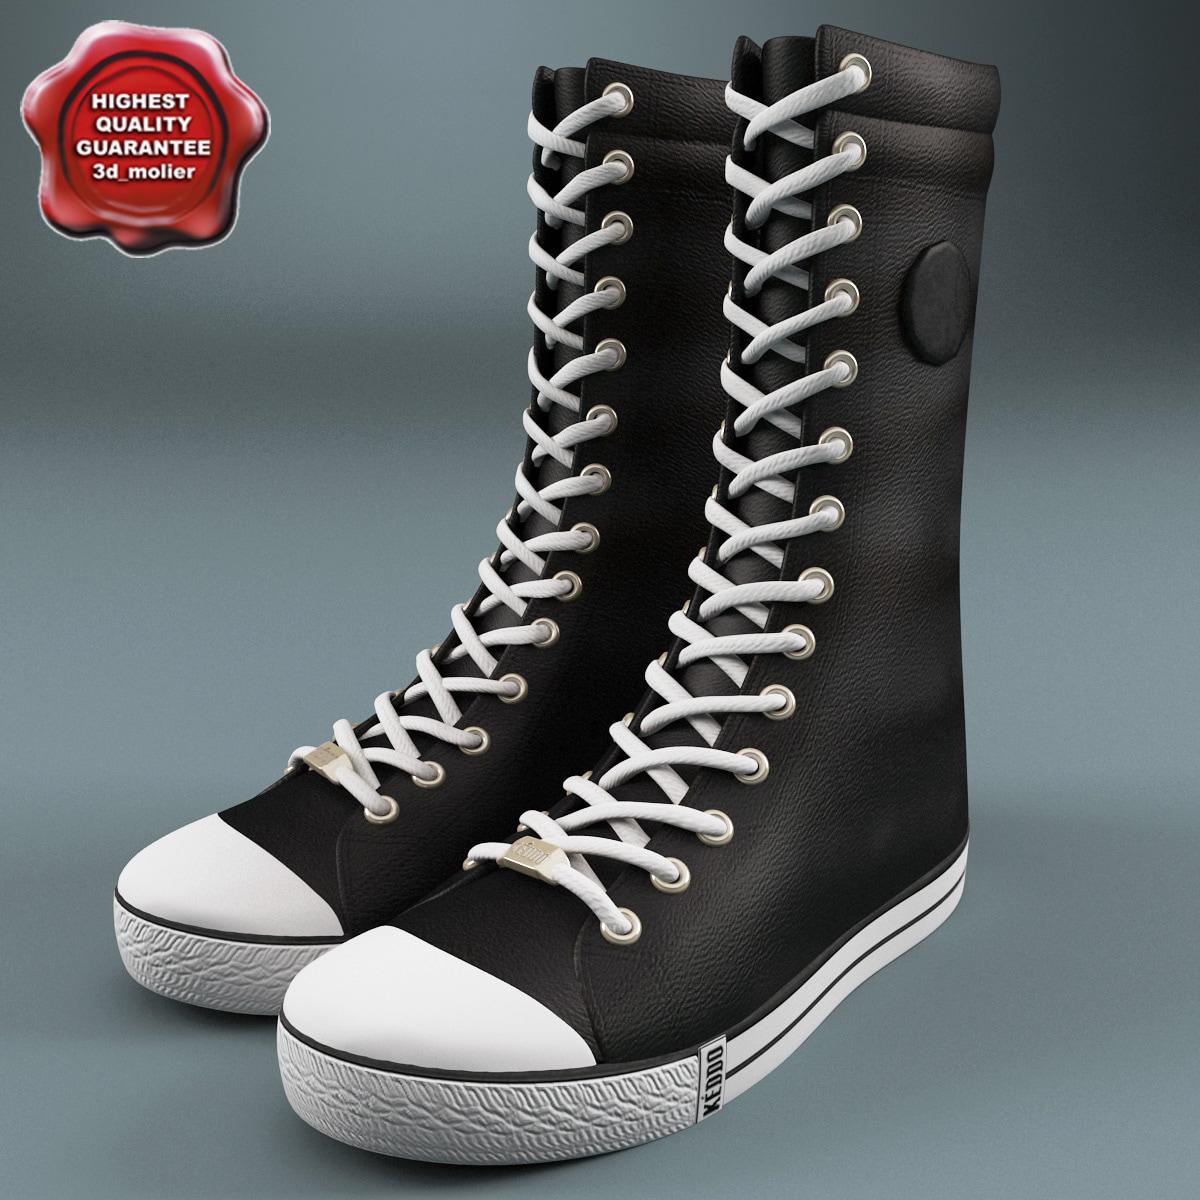 3d sneaker boot keddo v2 model